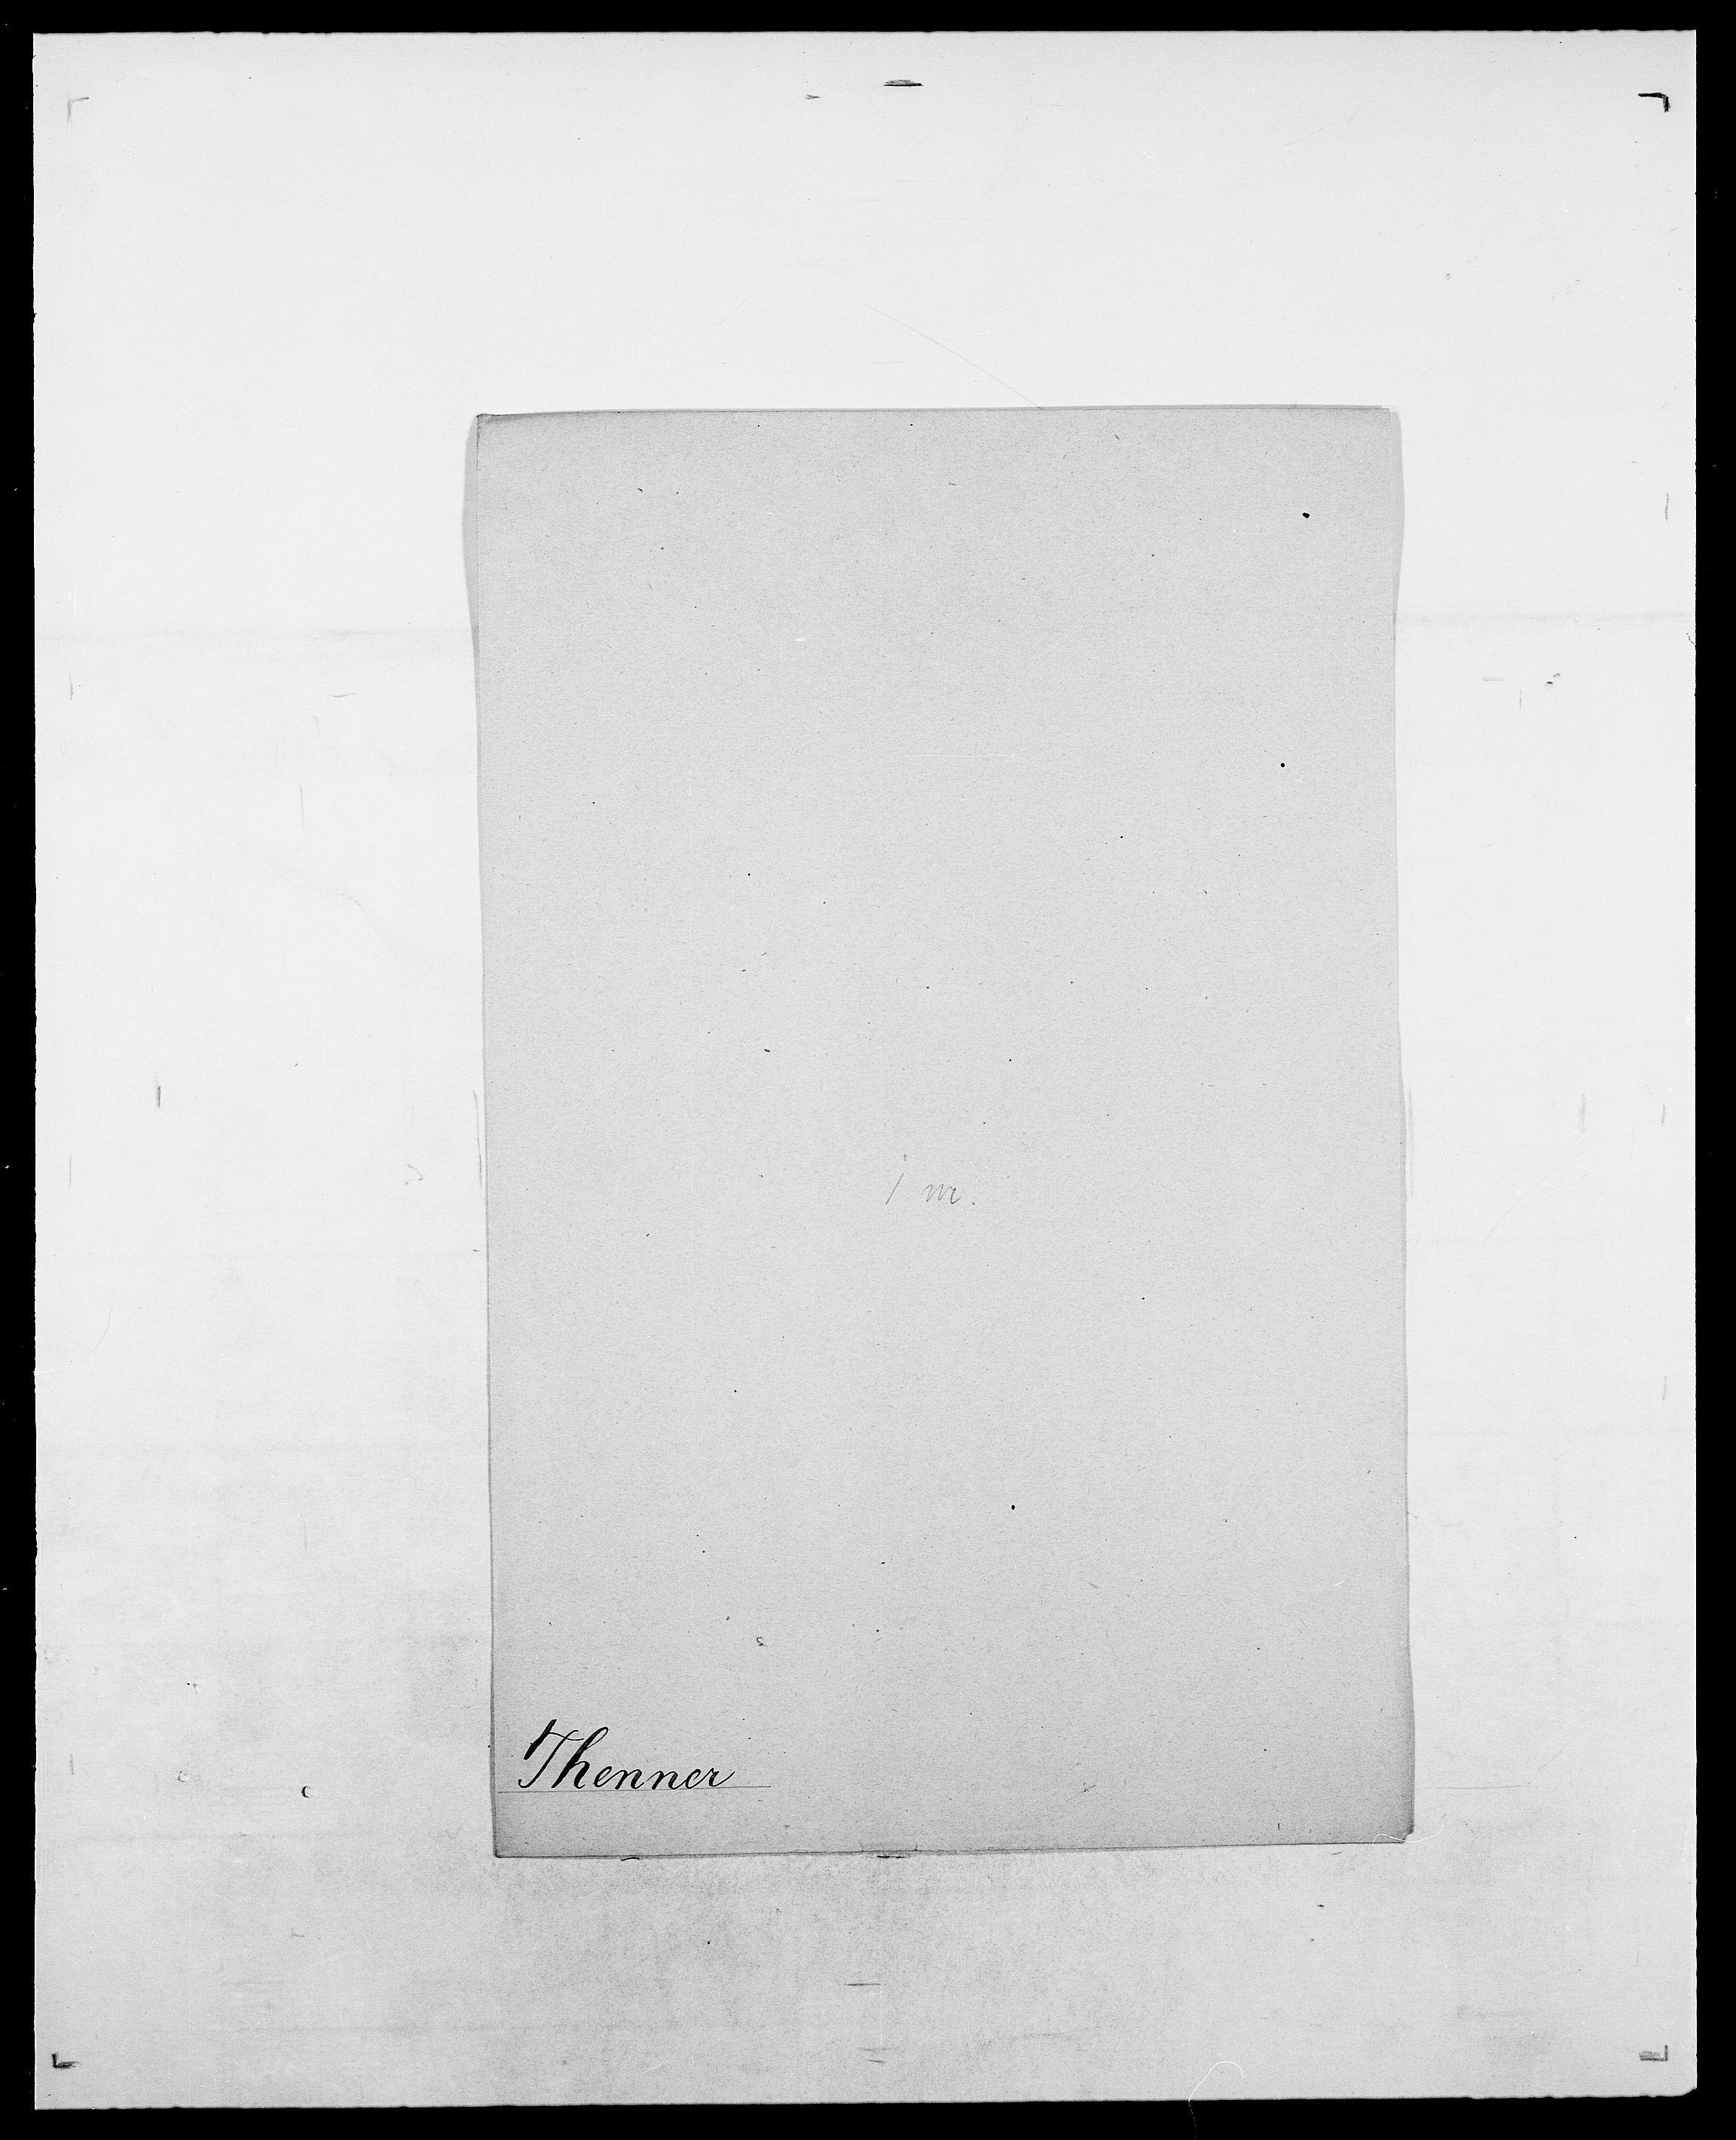 SAO, Delgobe, Charles Antoine - samling, D/Da/L0038: Svanenskjold - Thornsohn, s. 489